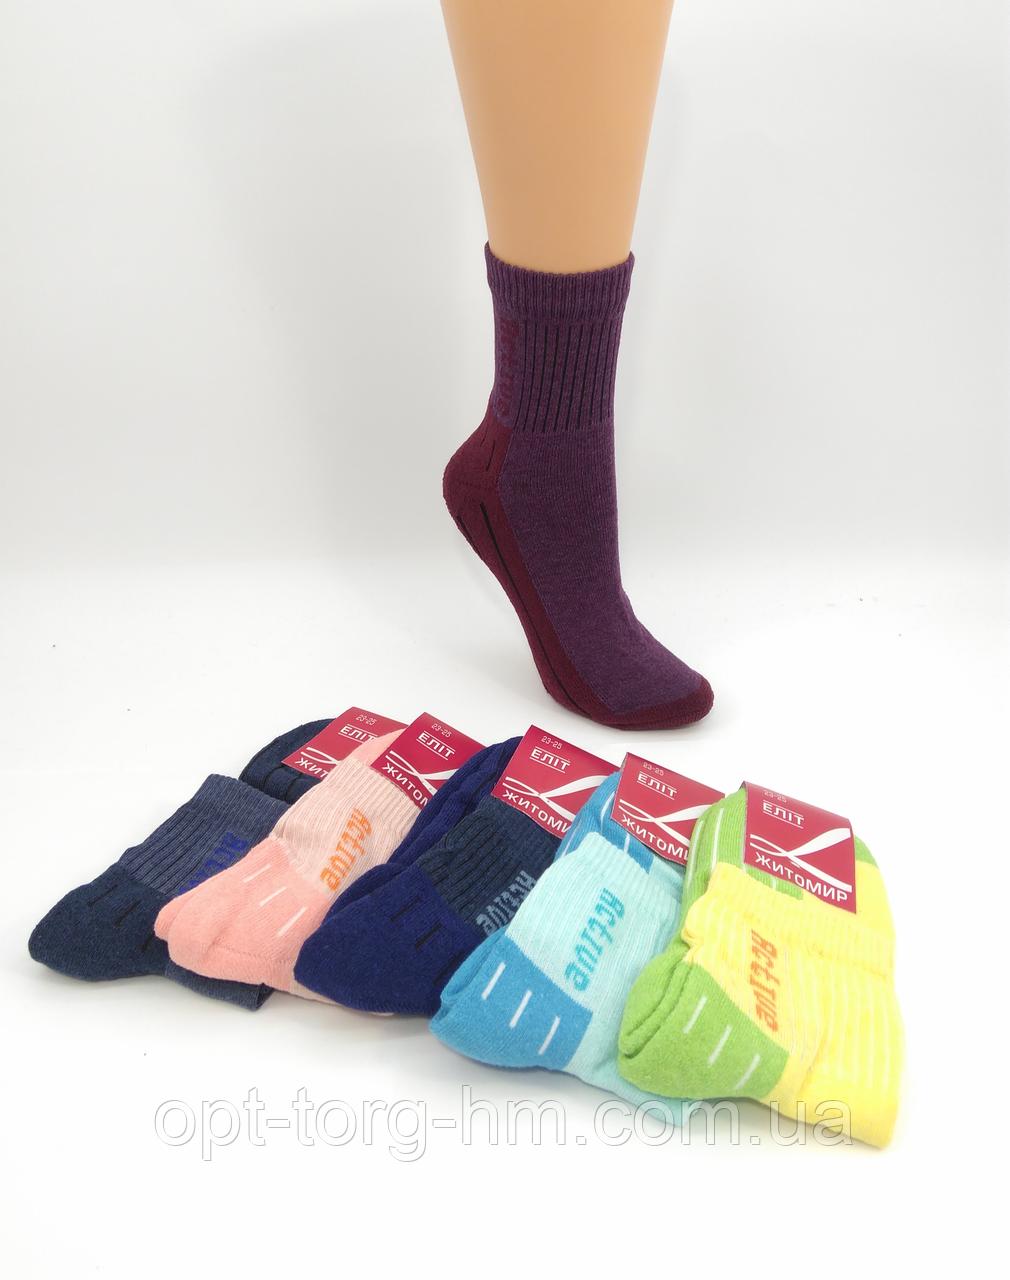 Стопа махровая.  Полумахровые женские носки Актив (37-40 ОБУВЬ)